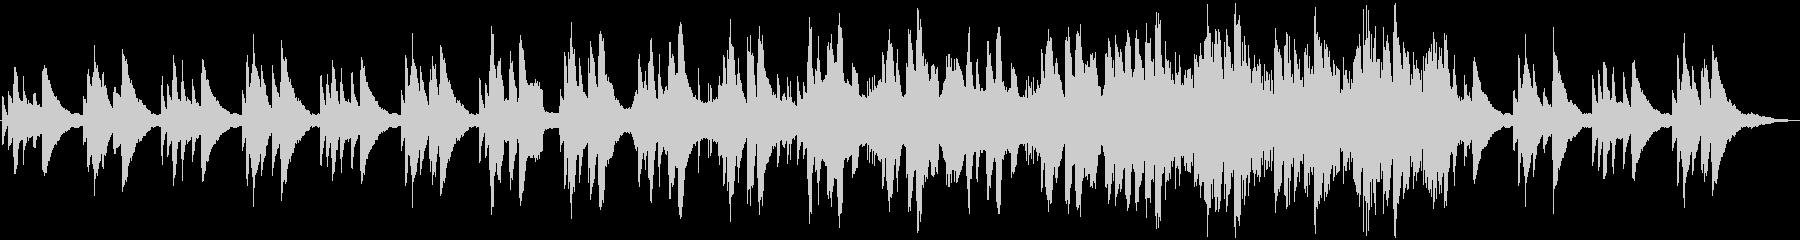 感動のシーンに合うピアノエレクトリックの未再生の波形